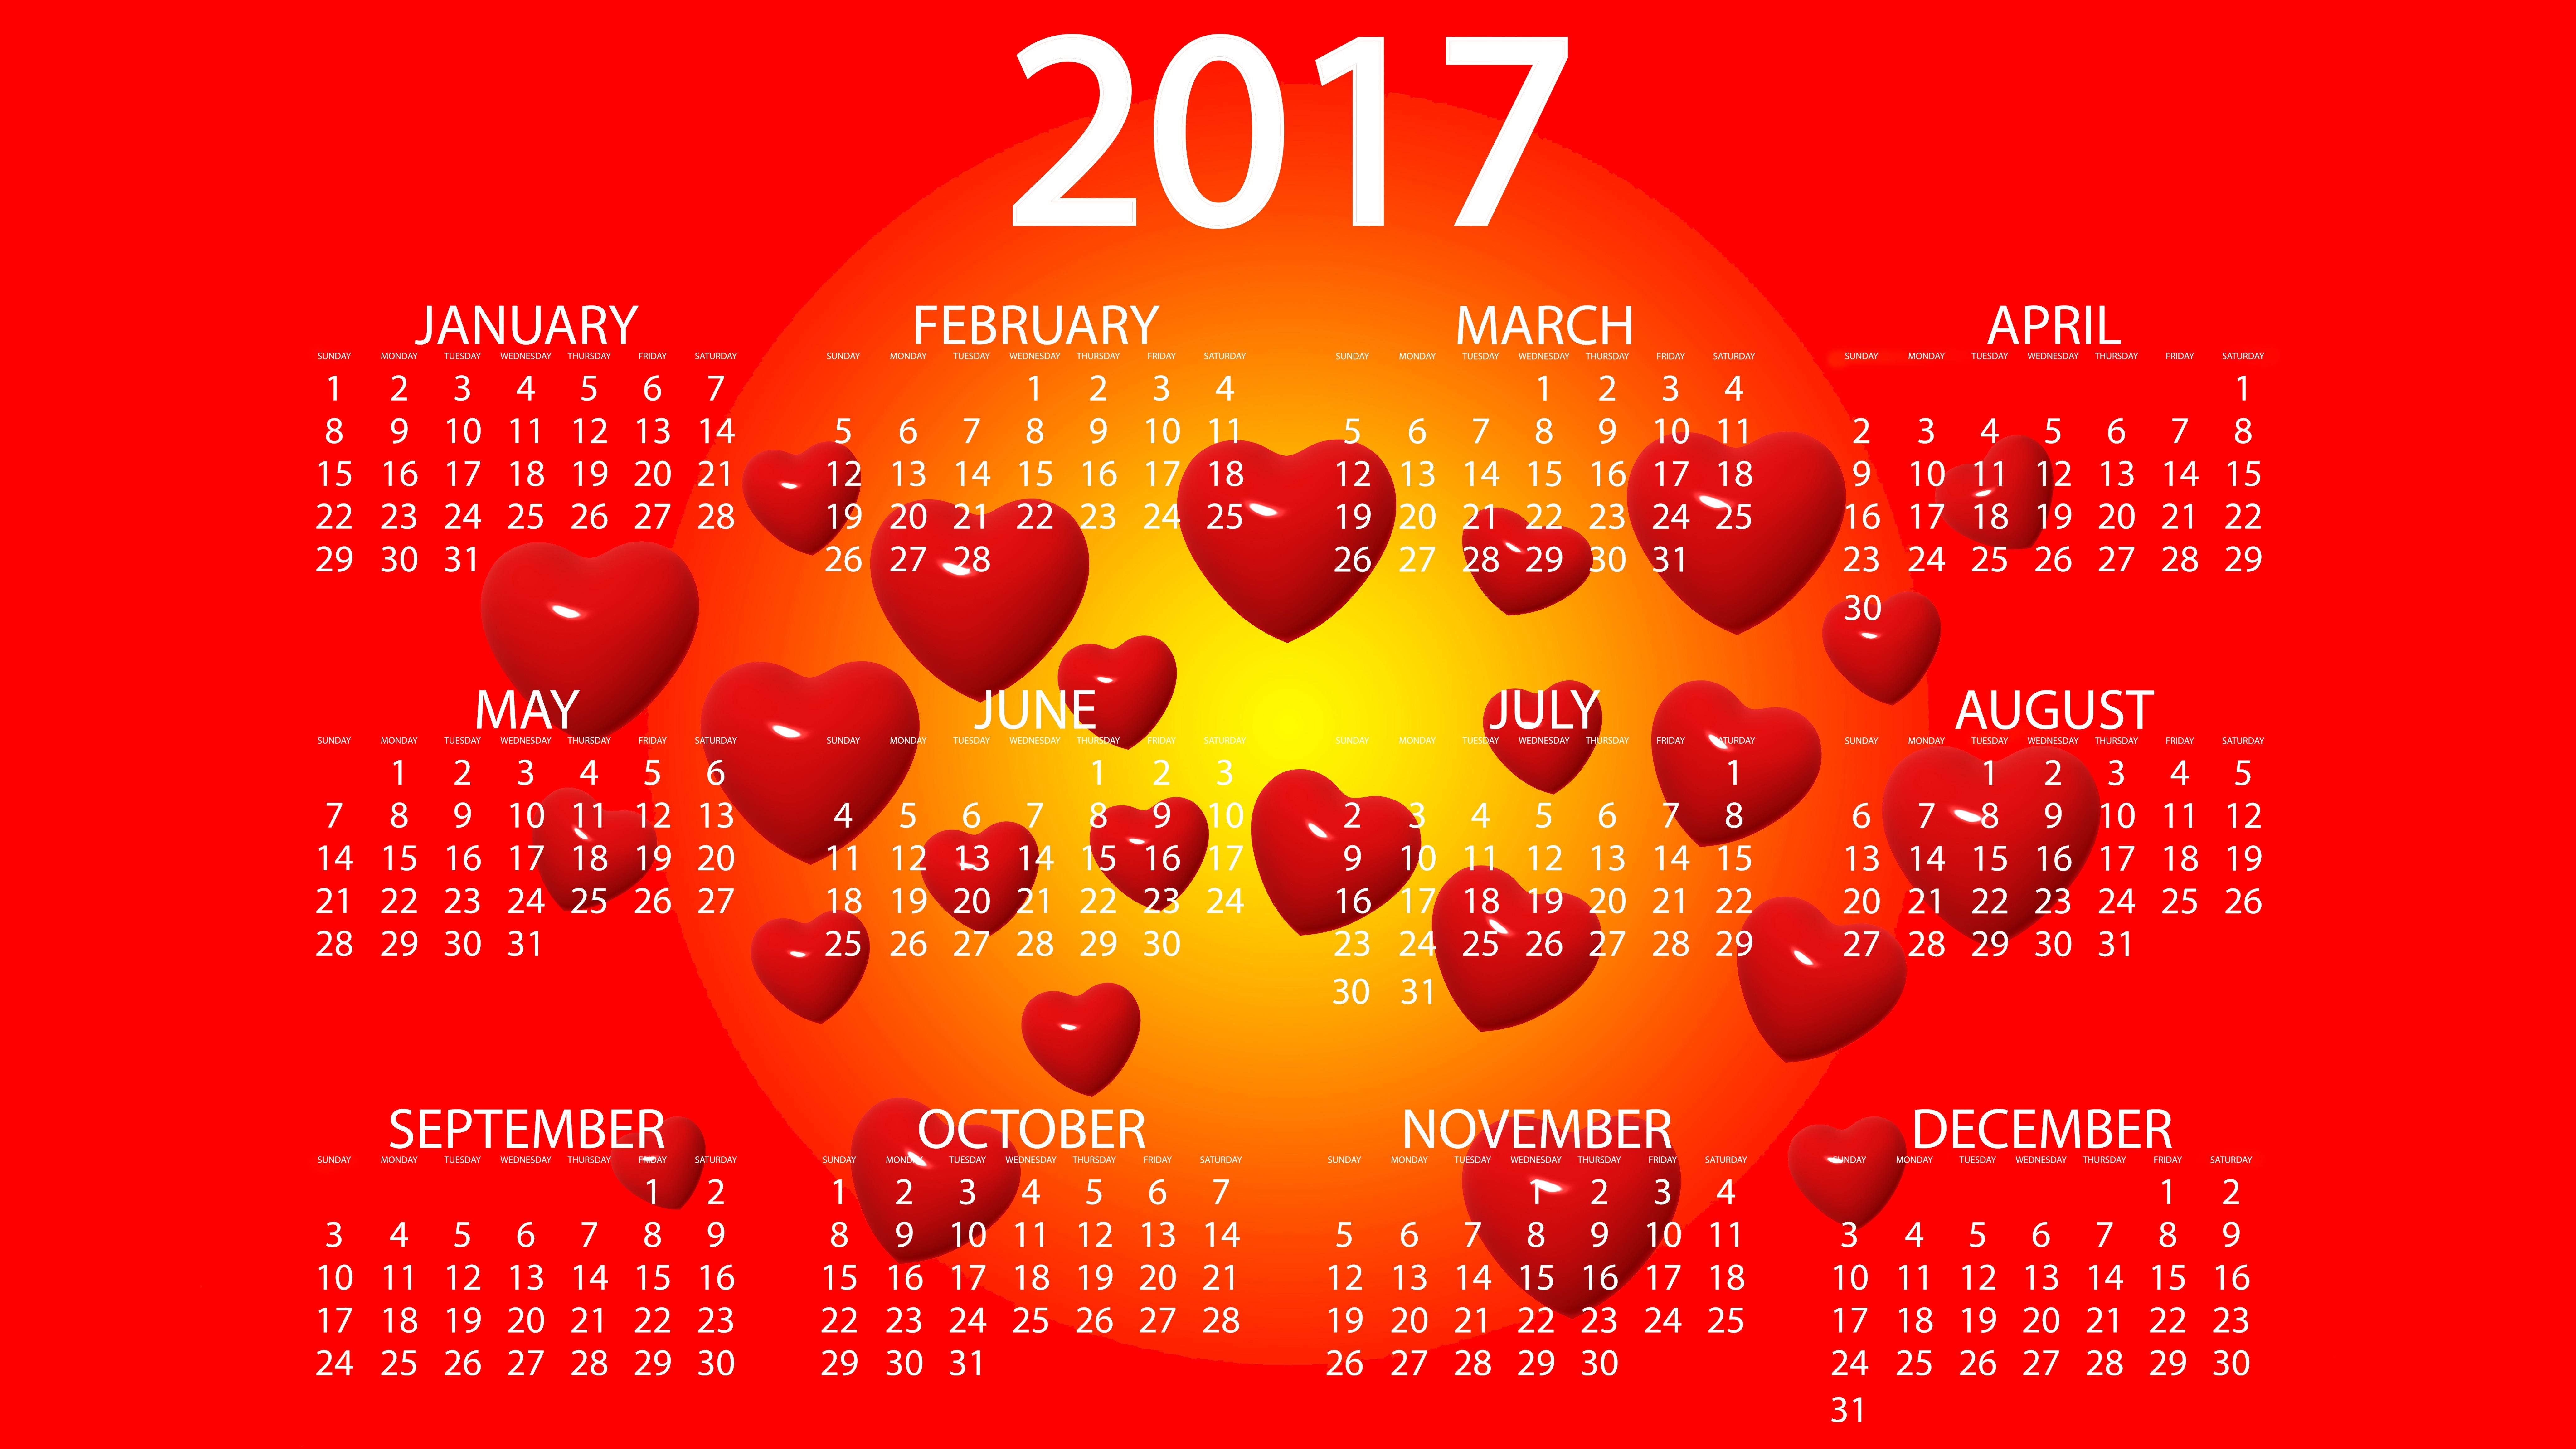 скачать обои на рабочий стол с календарем на 2017 № 194772 загрузить